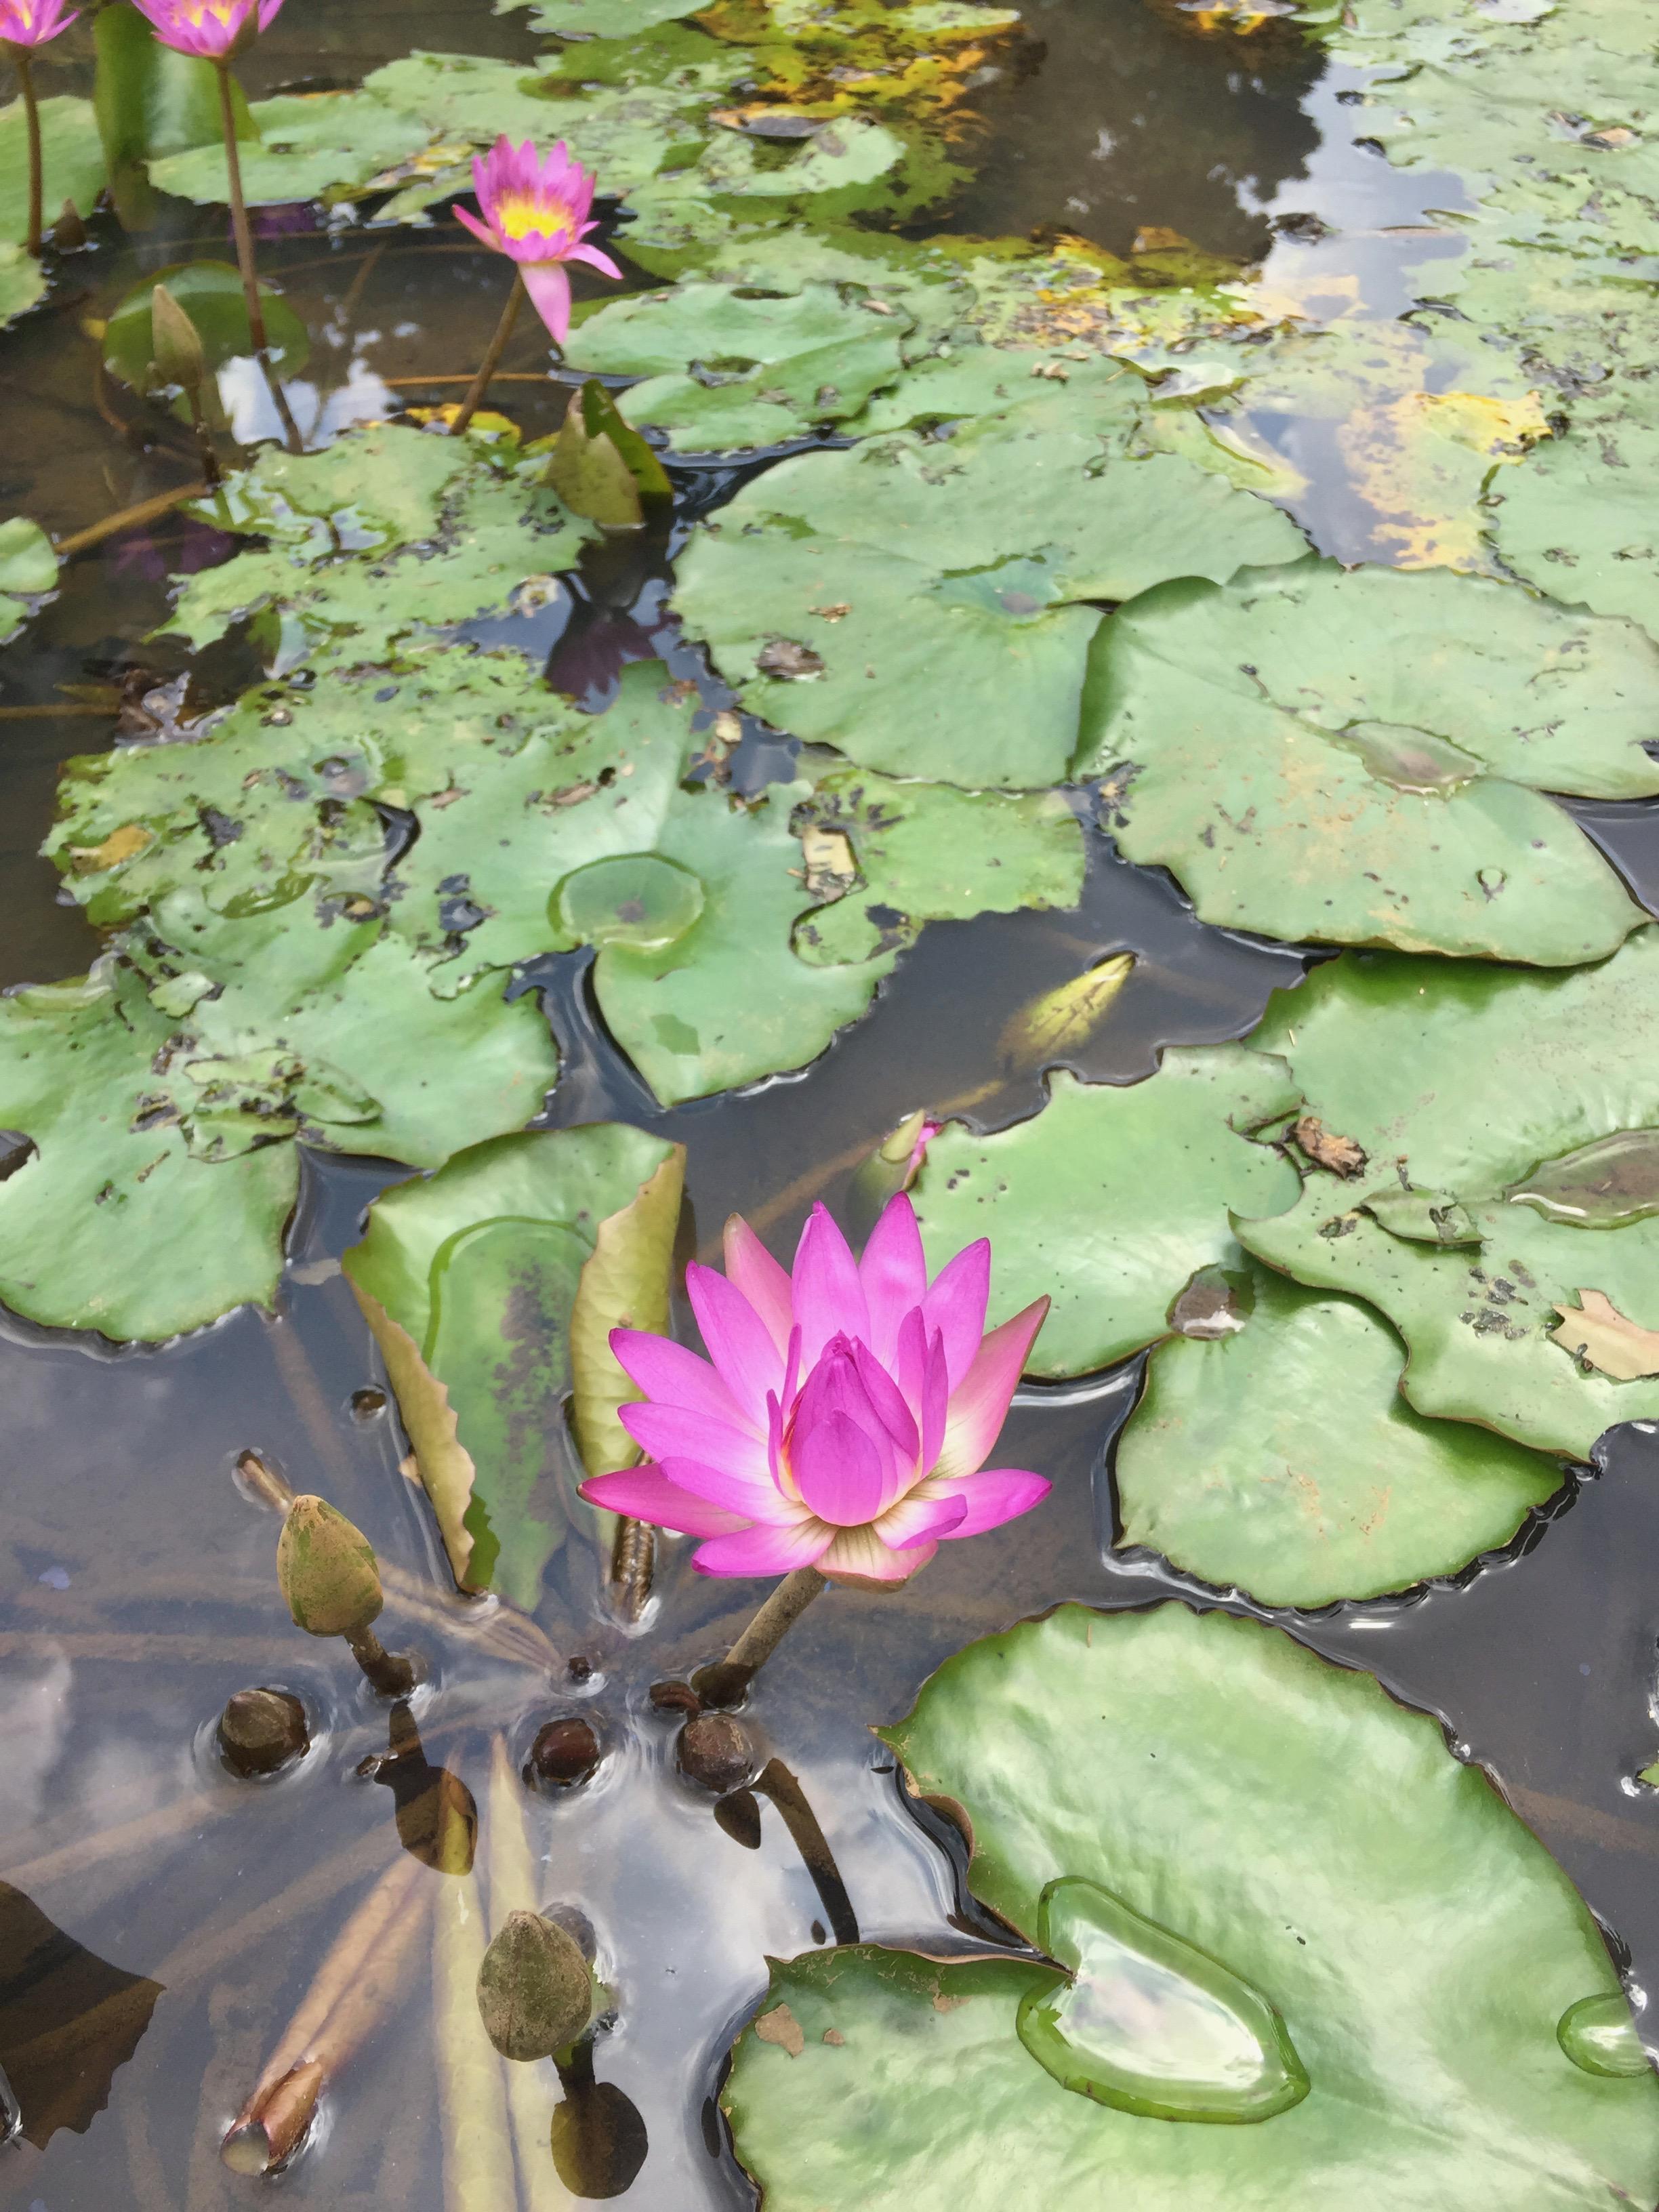 83 Gambar 2 Dimensi Bunga Teratai Terlihat Keren